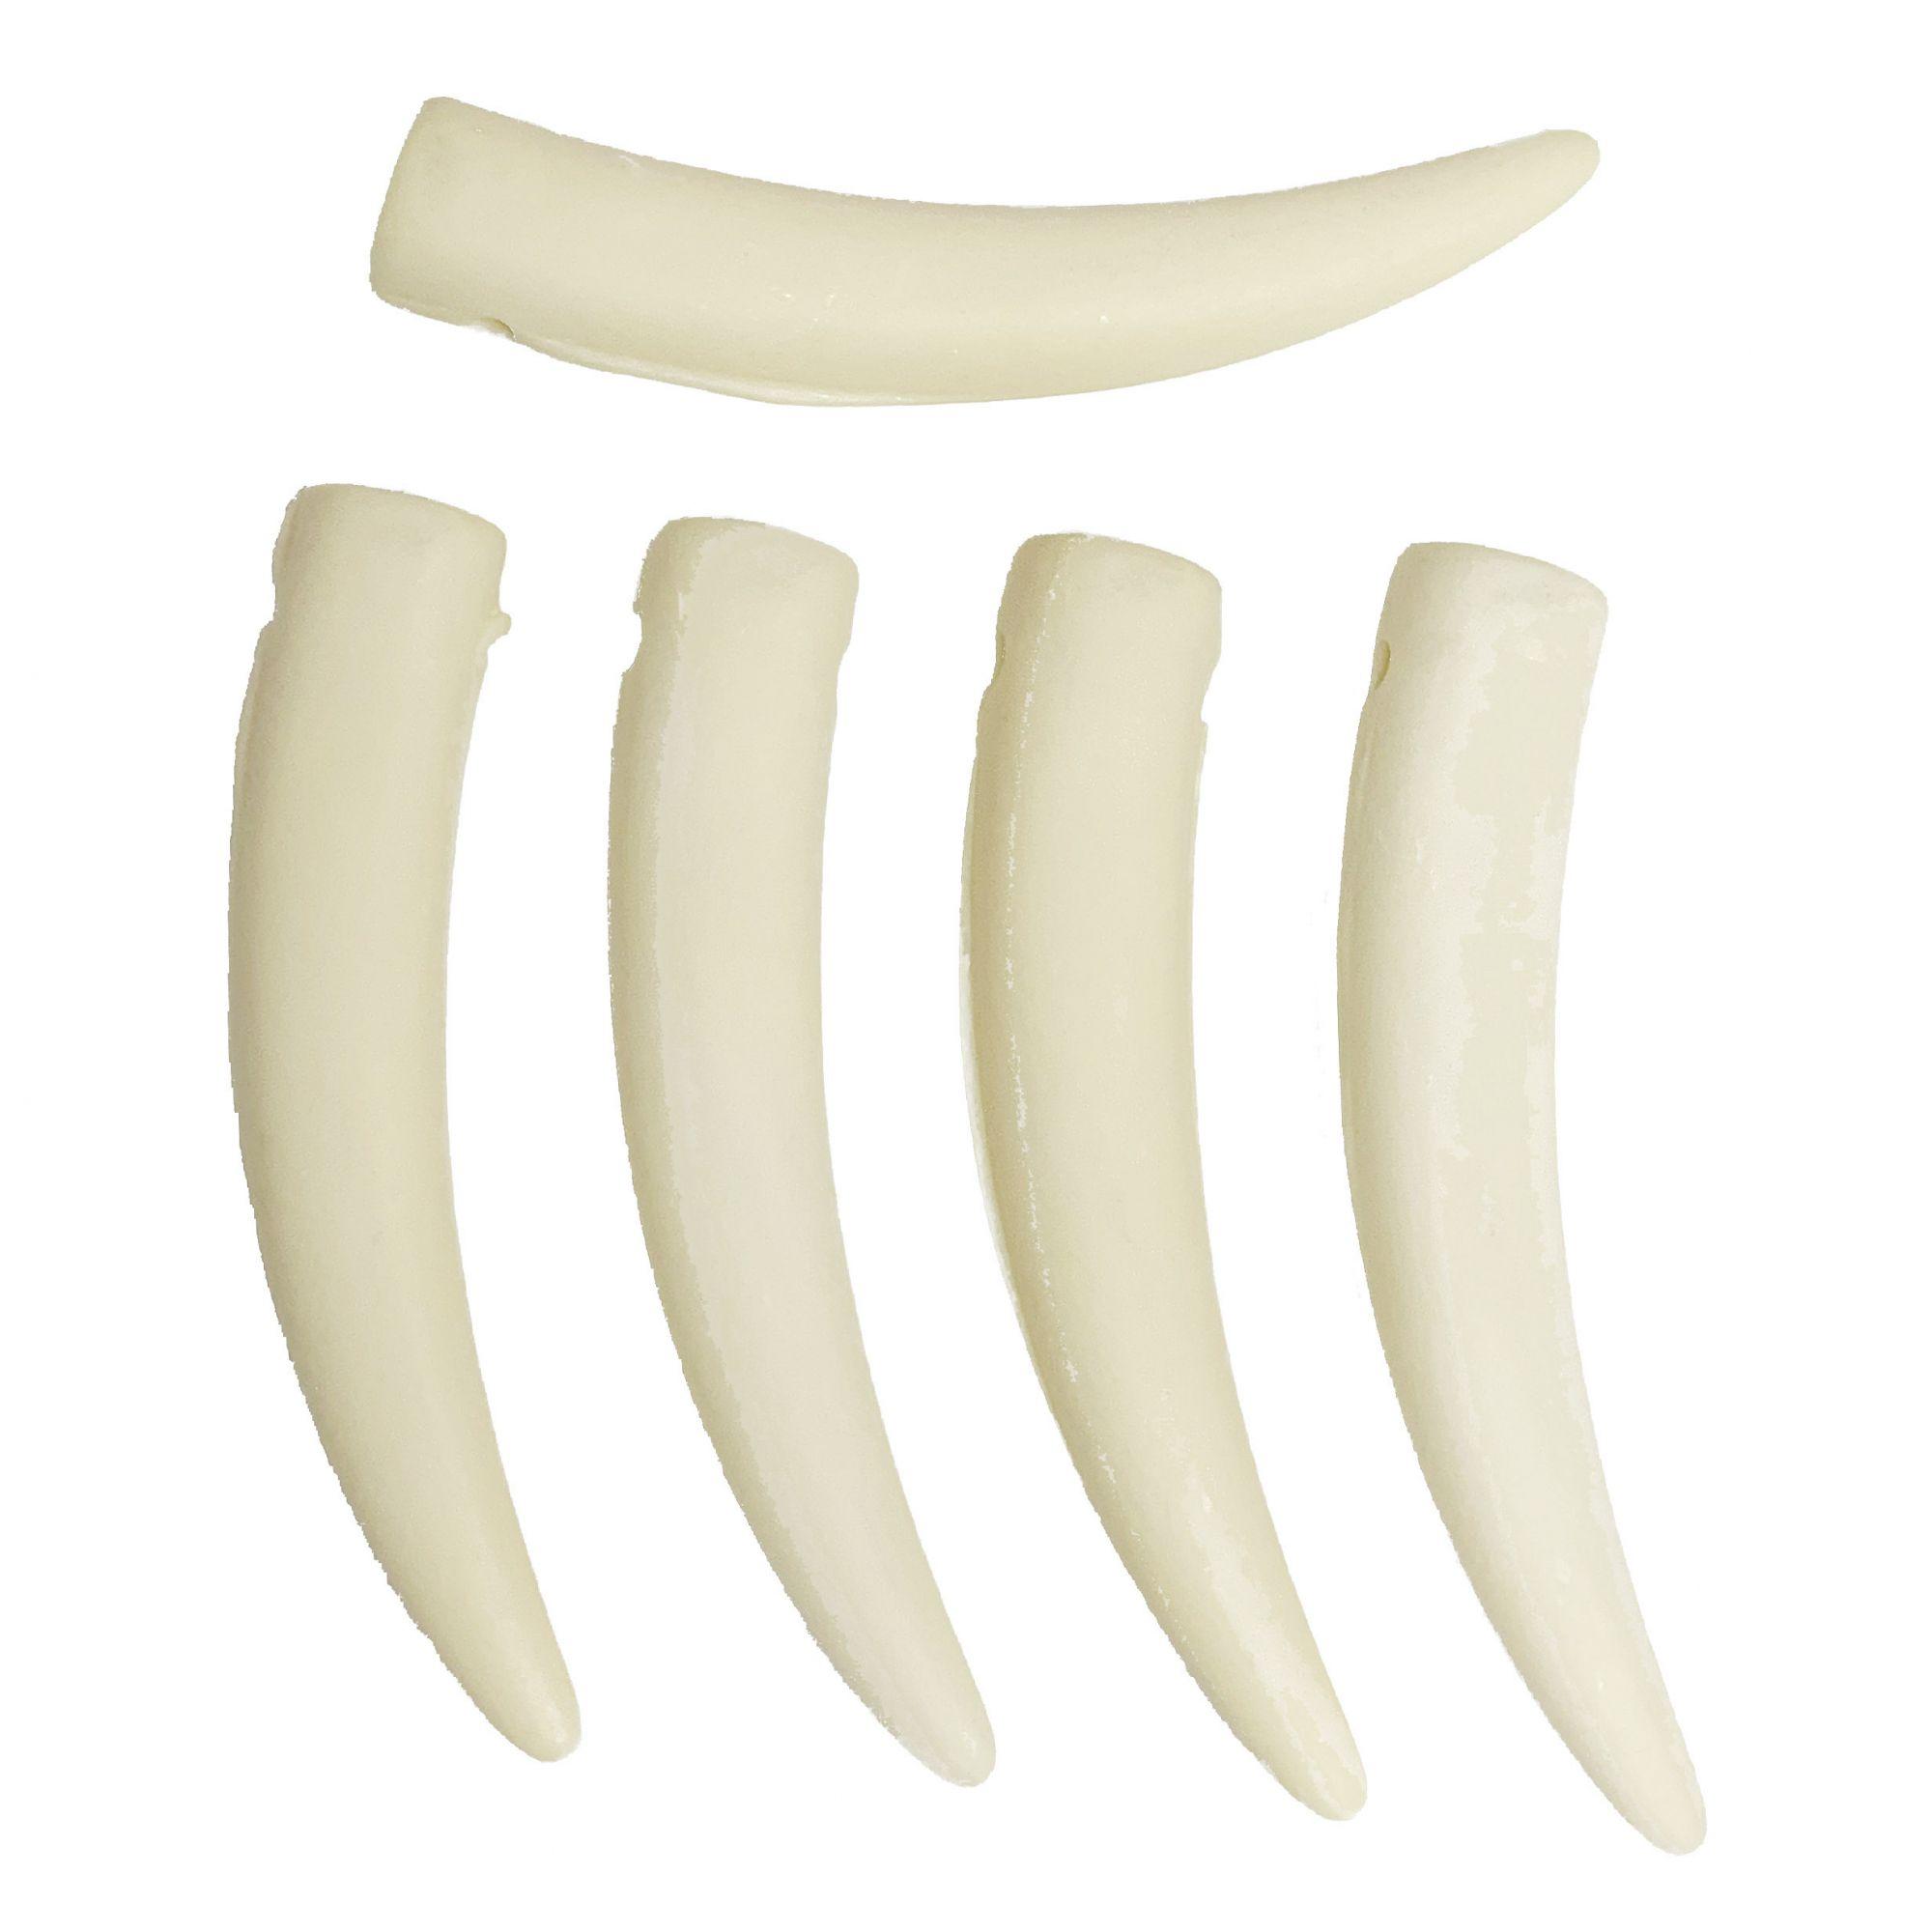 Dente de Resina - 74mm  - Stéphanie Bijoux® - Peças para Bijuterias e Artesanato